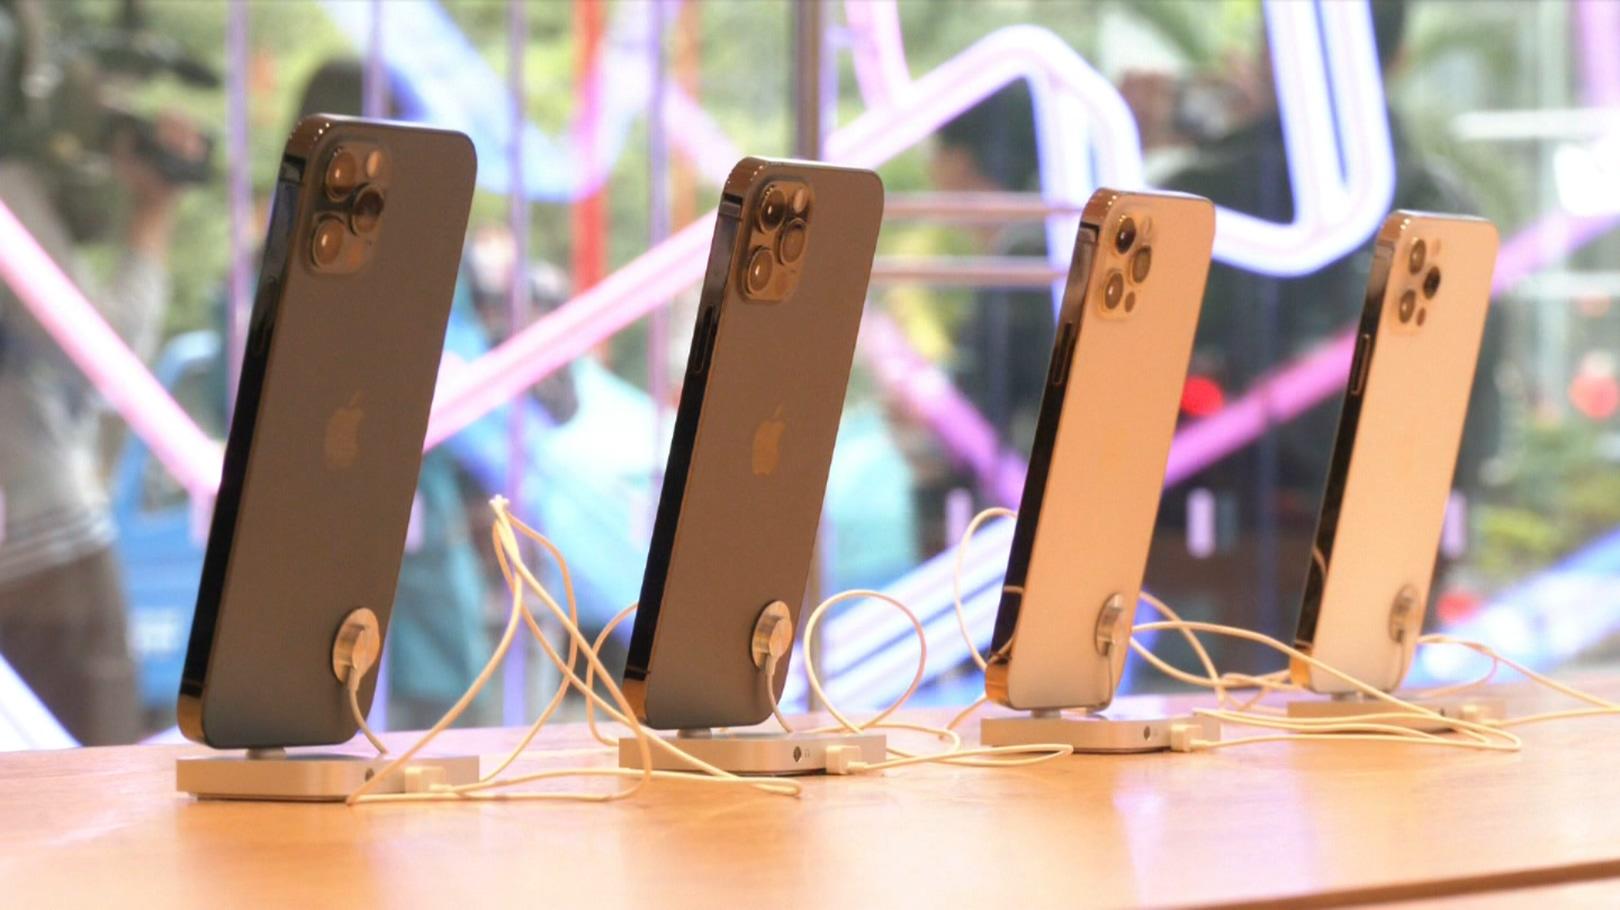 iPhone12開賣!電信業祭優惠搶客!果粉五天漏夜排